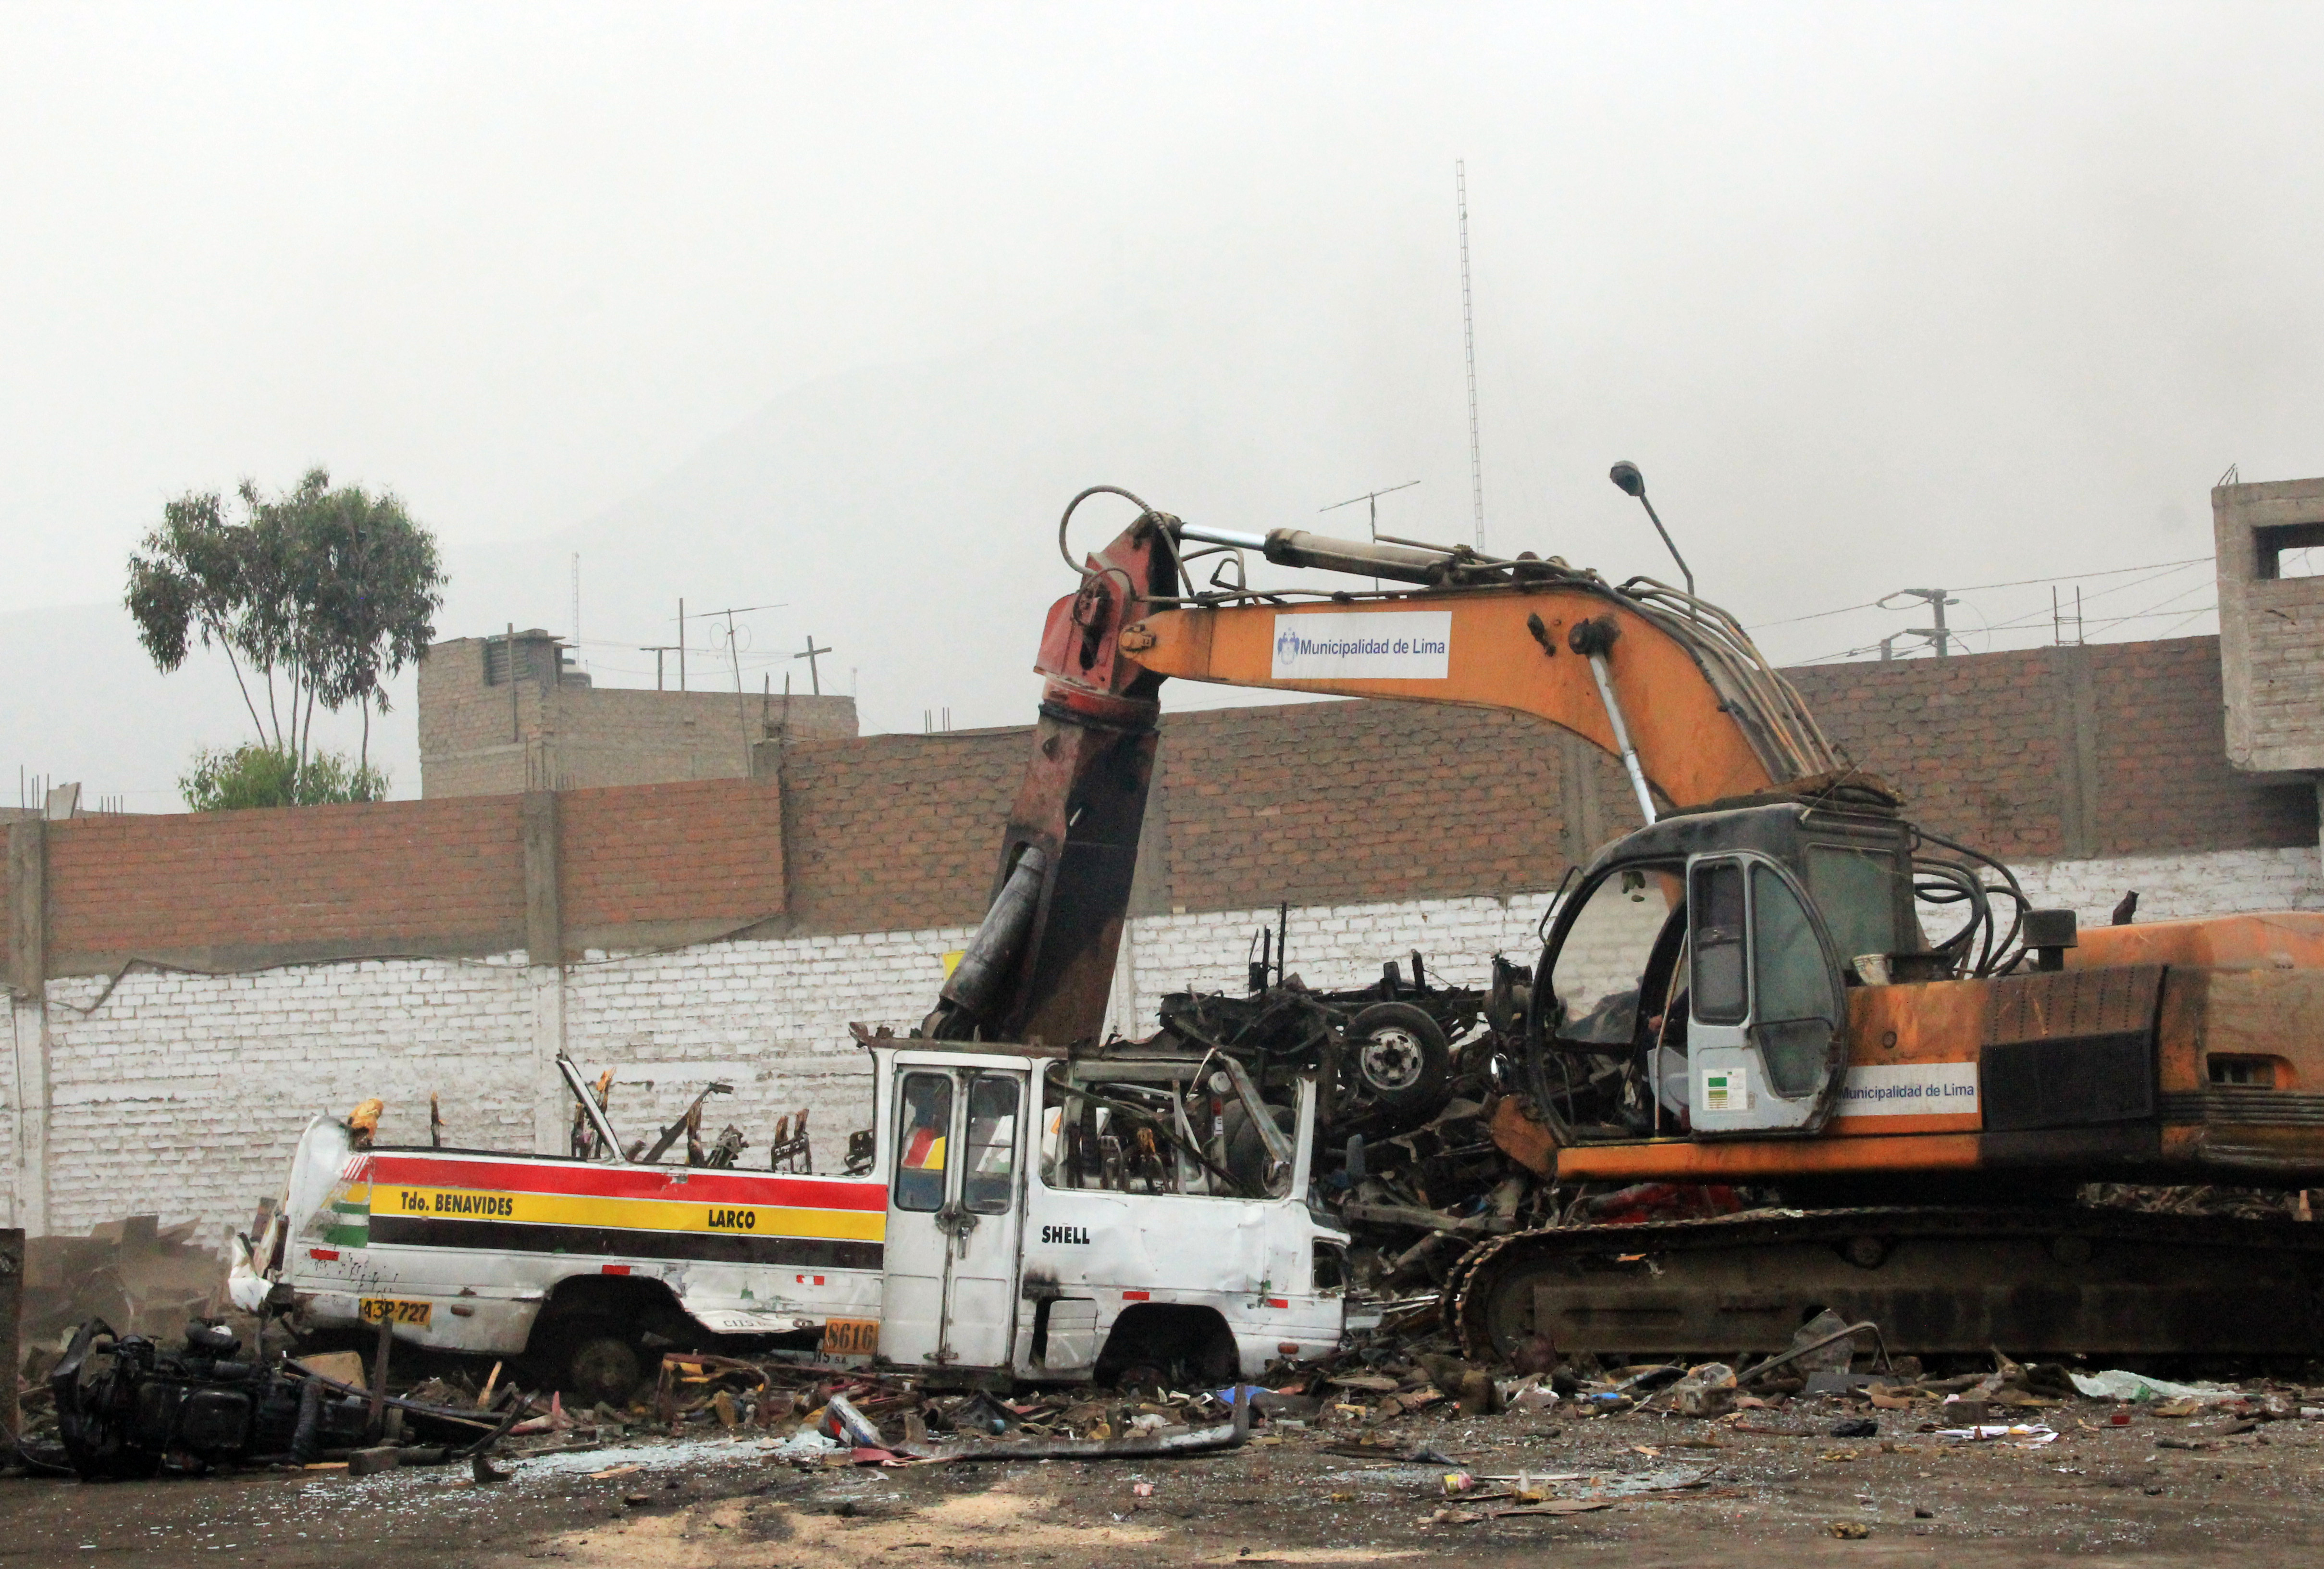 METROPOLITANO PONE EN MARCHA NUEVO PARADERO DE SERVICIO DE PLAYAS